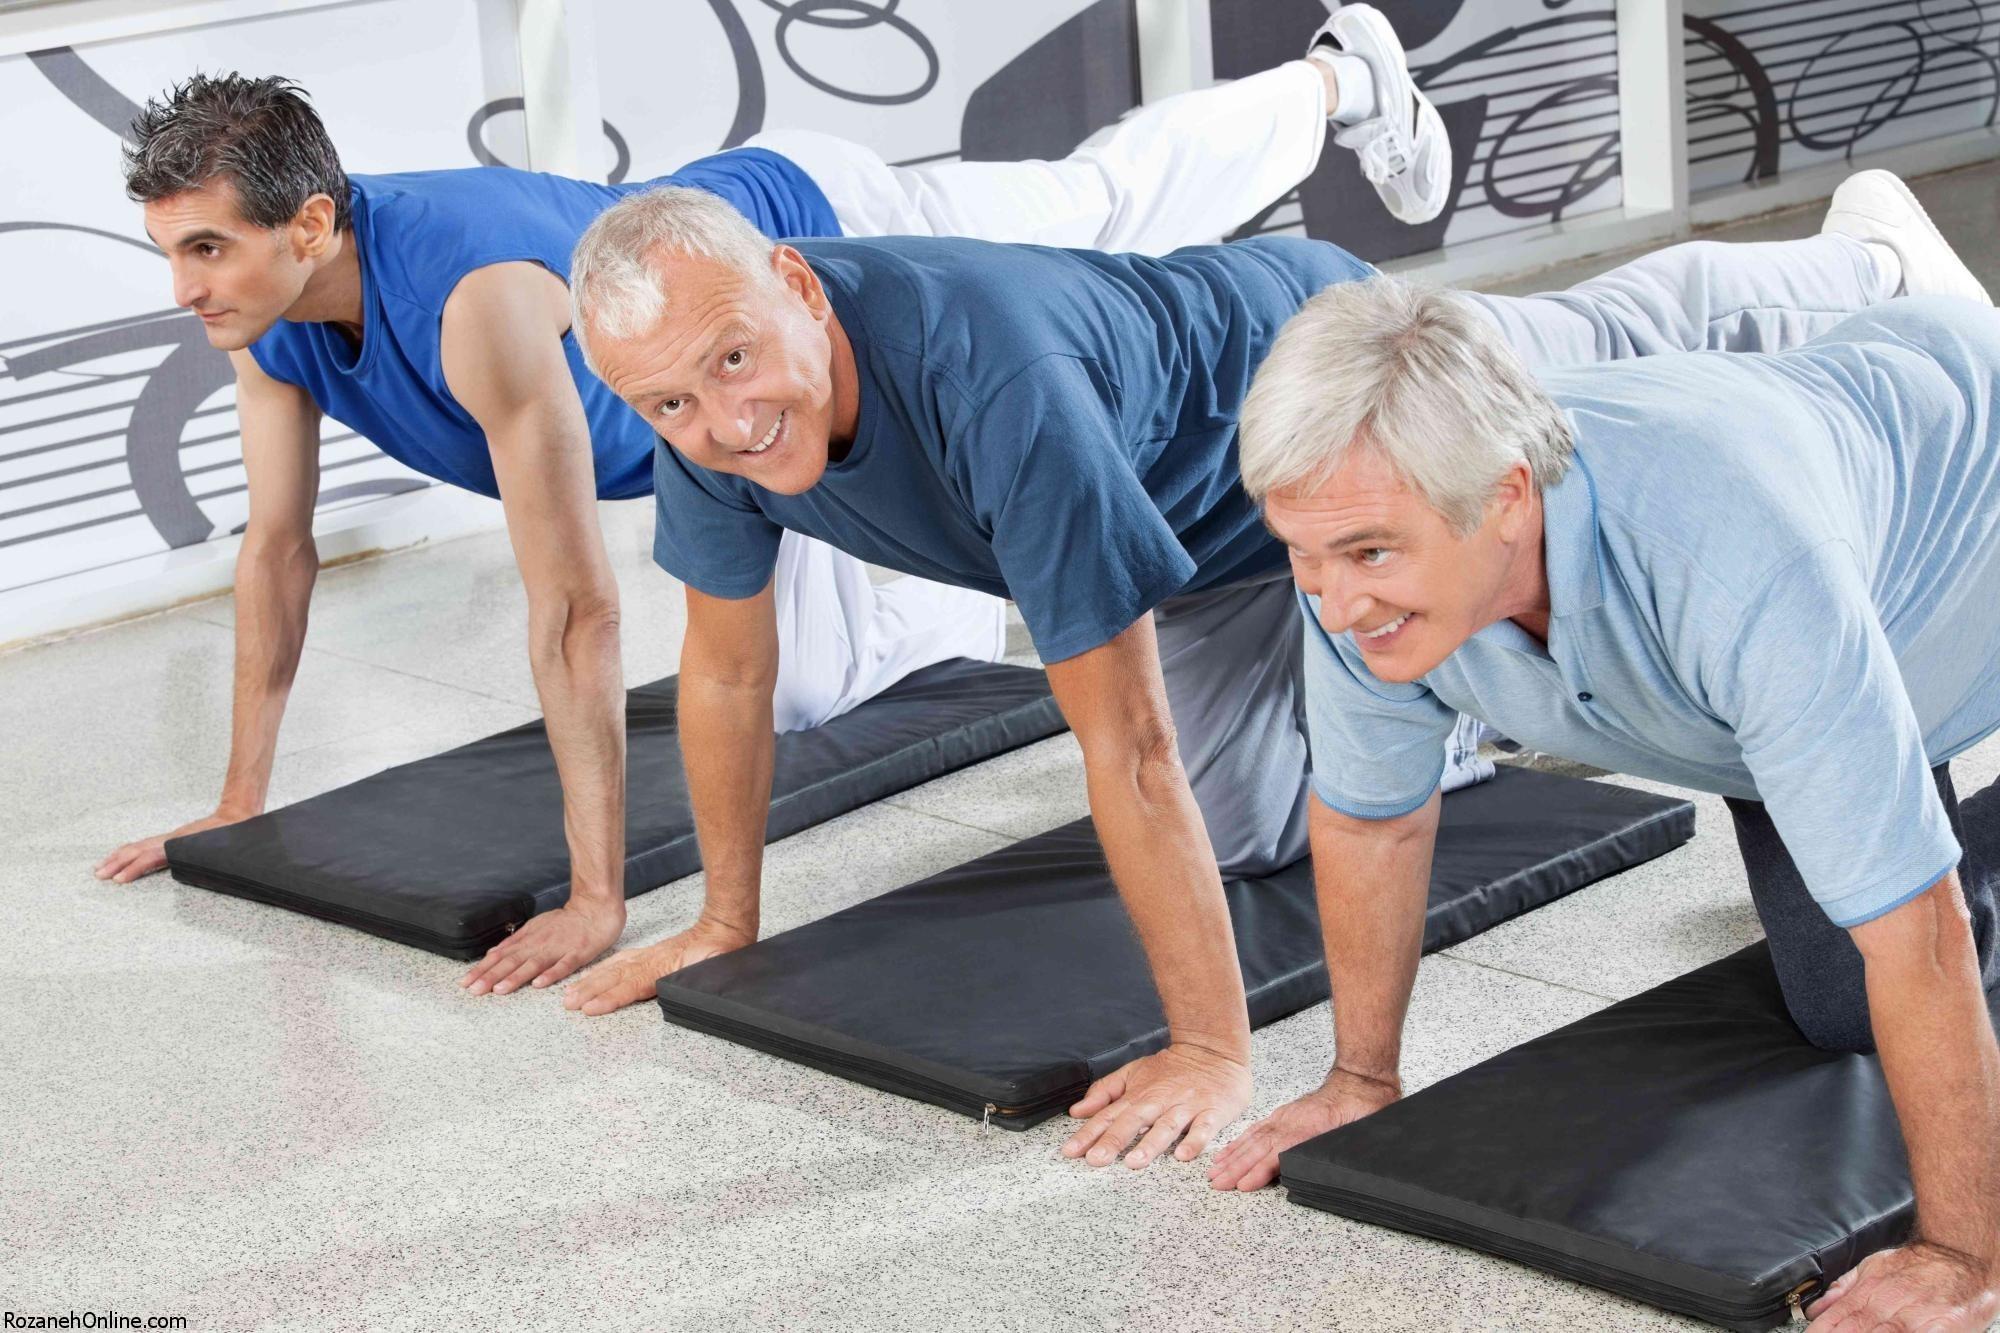 با فعالیت فیزیکی این بیماری ناشی از کهولت سن را دور بزنید